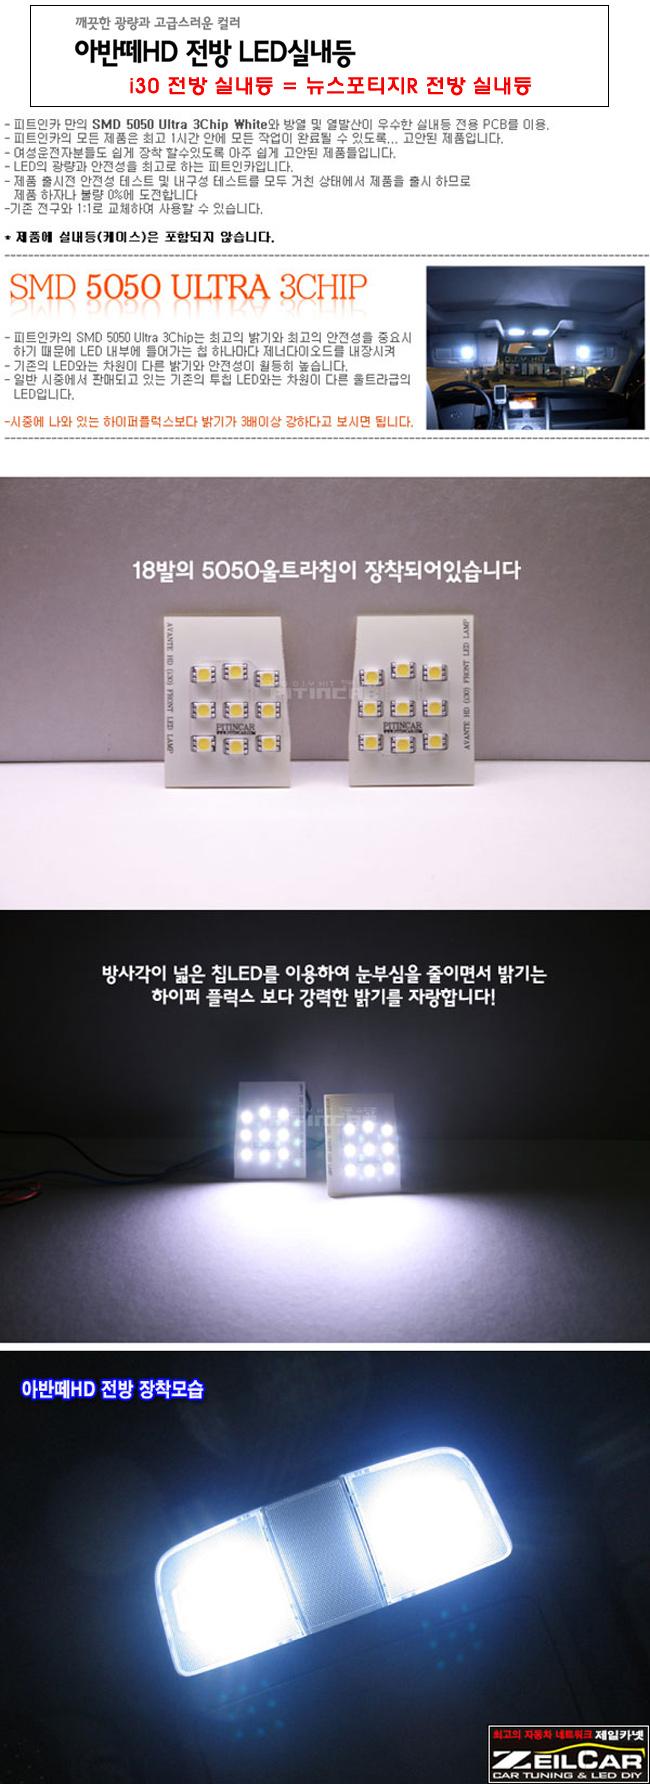 제일카넷 LED 실내등, 맵등